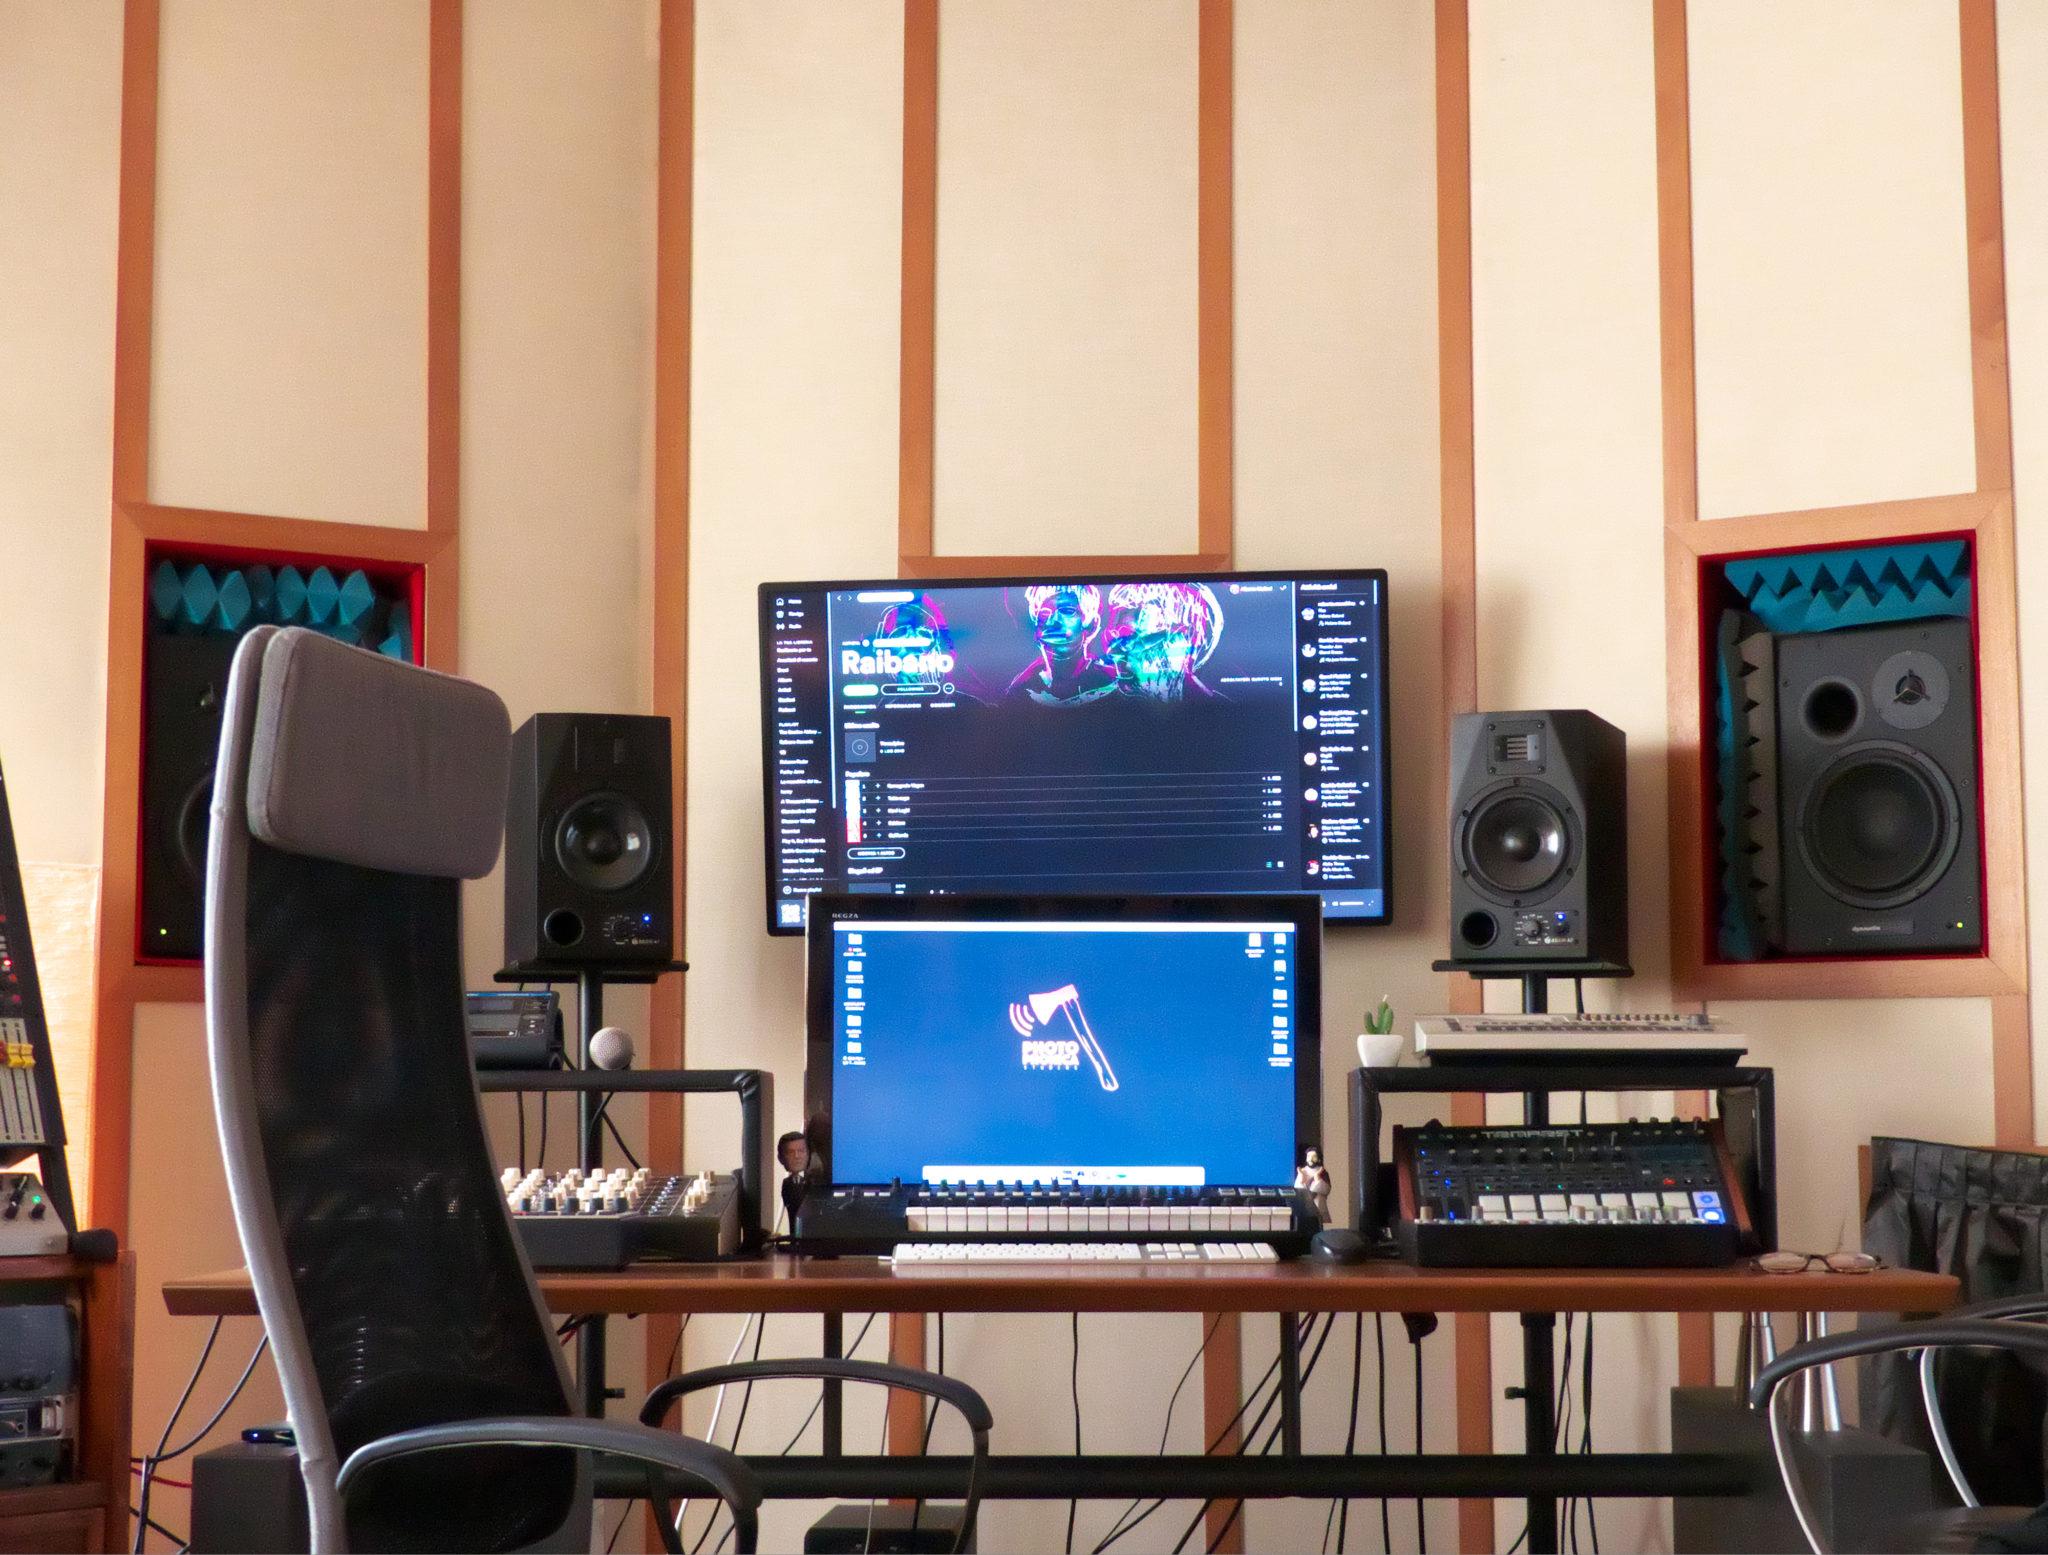 Alla periferia della città c'è il centro musicale: Photophonica Studios, un polo per musicisti, producer, videomaker, fotografi e grafici